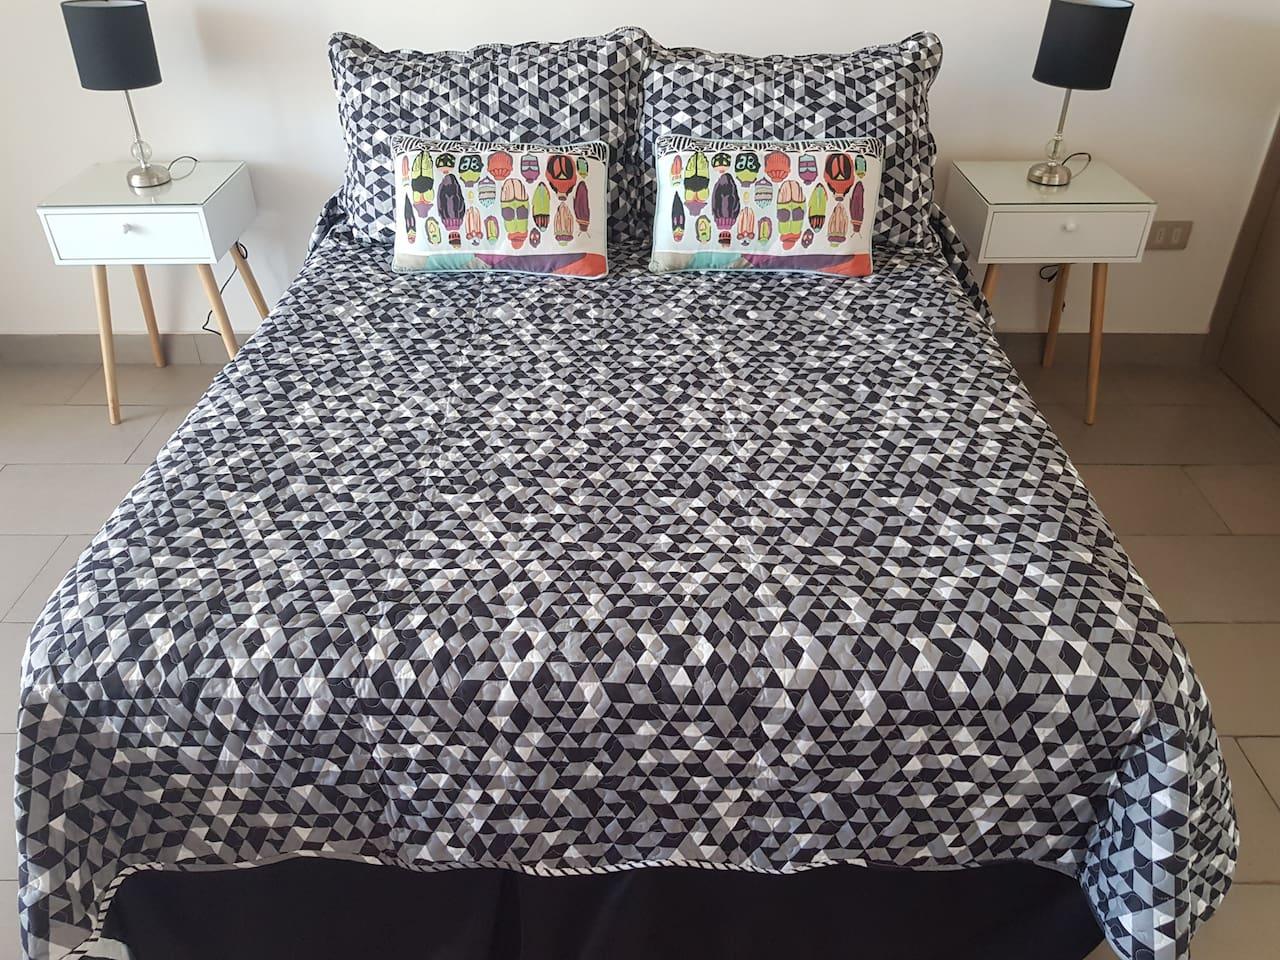 Dormitorio: Veladores y mesita de luz. Cama con juego de sábanas y cobertor. TV con cable.